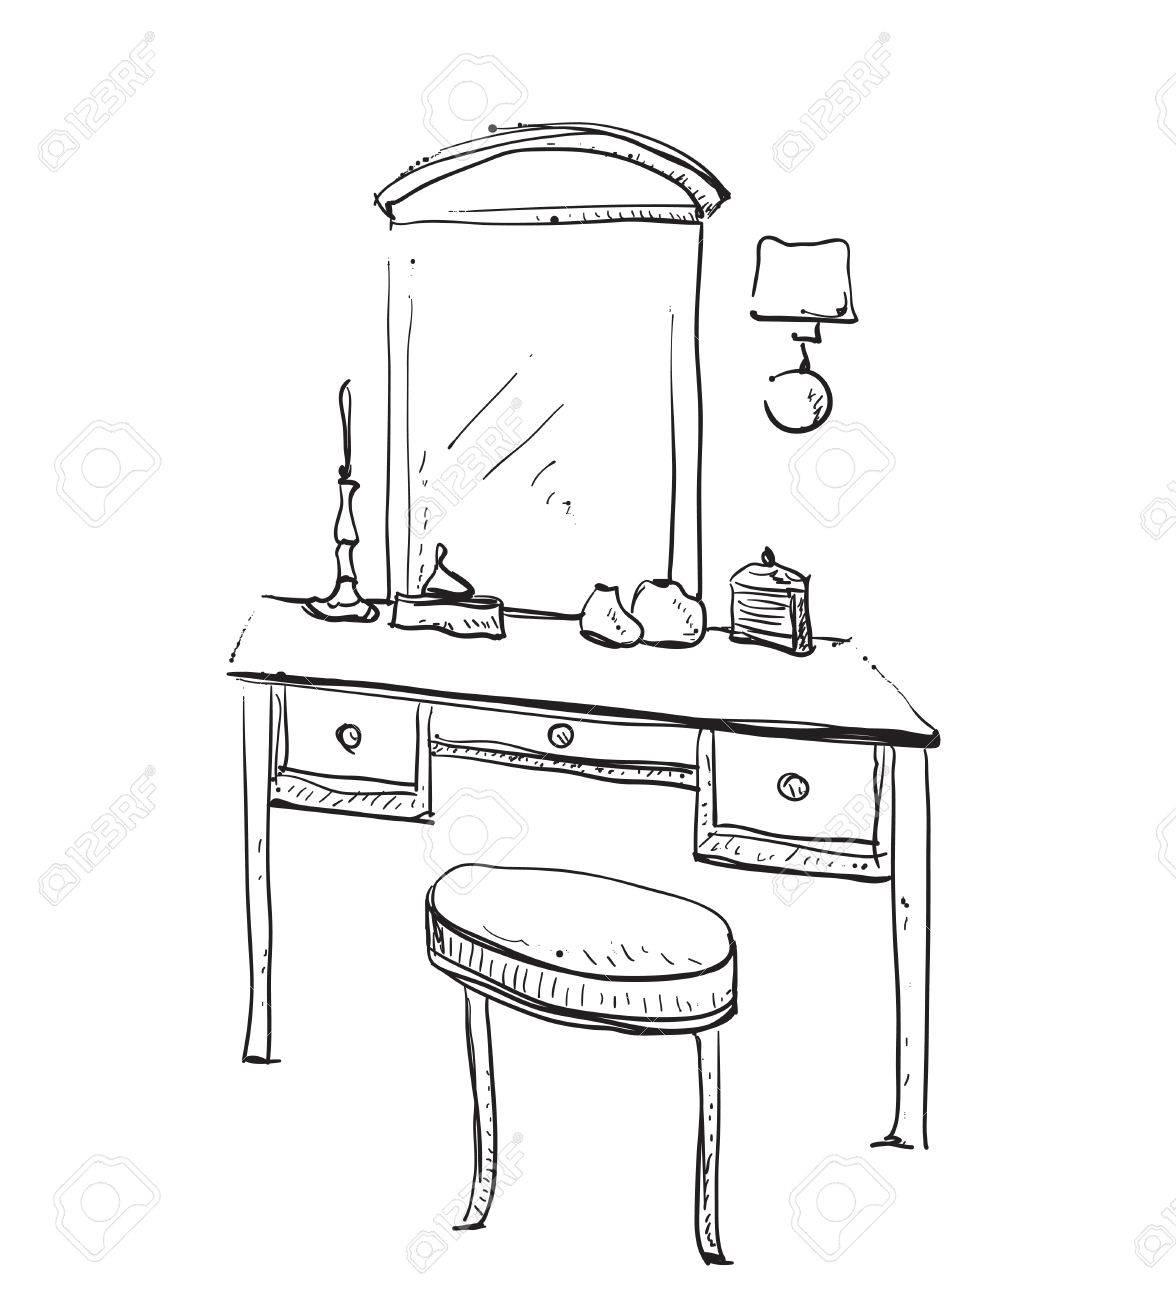 Sessel gezeichnet  Hand Gezeichnet Stuhl, Tisch Und Spiegel. Schminktisch Lizenzfrei ...